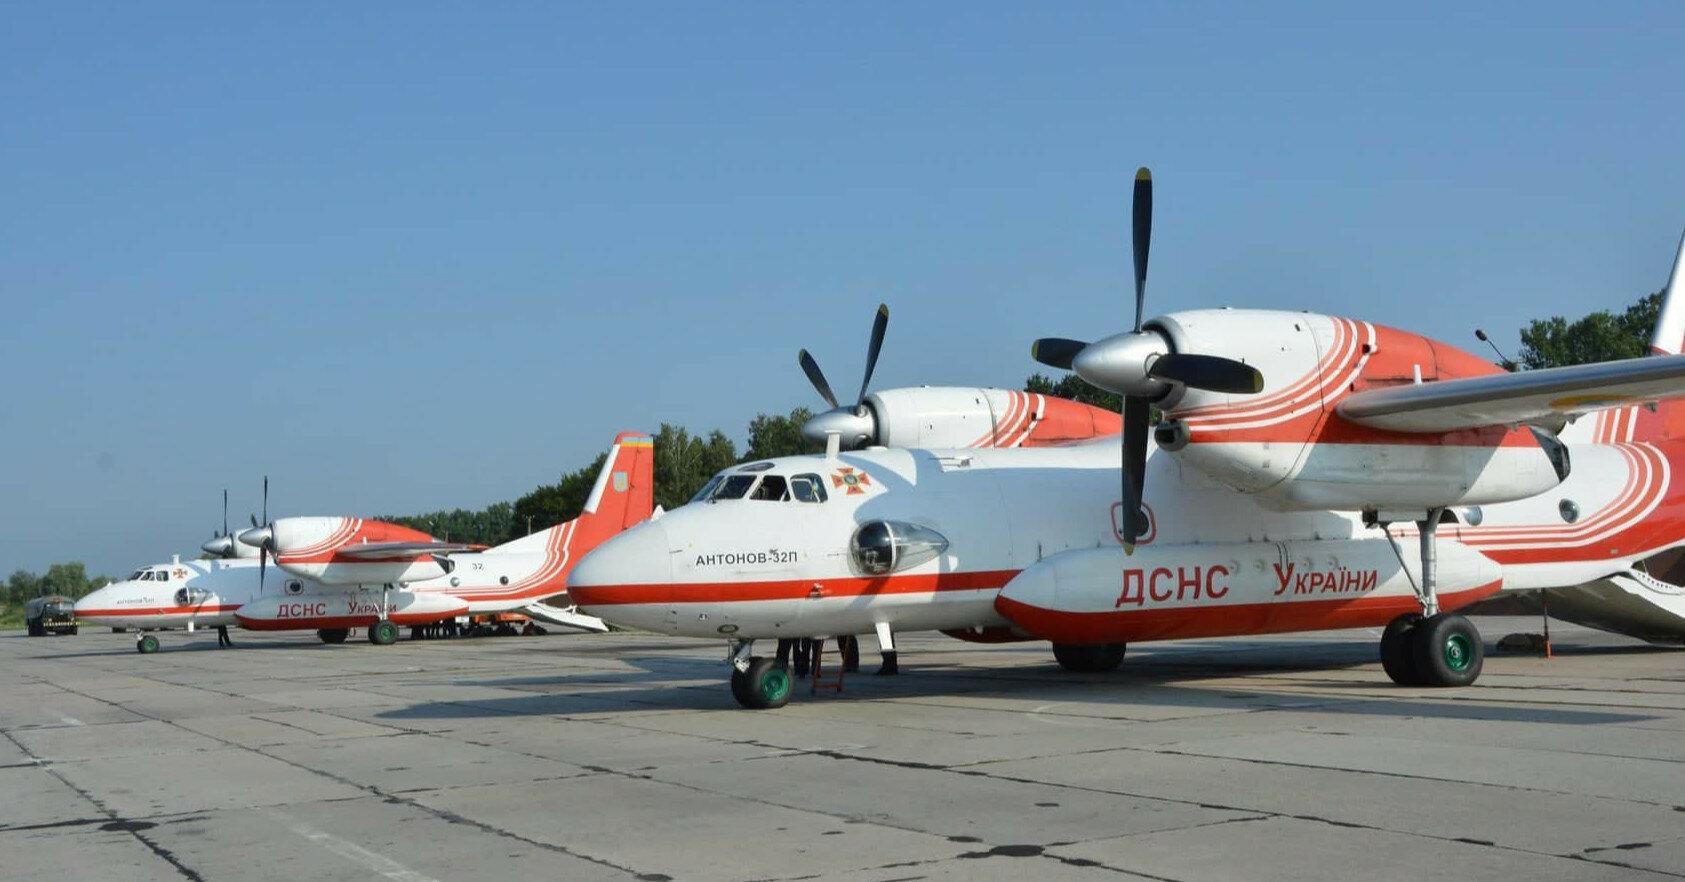 Украинские самолеты отправились в Турцию для тушения лесных пожаров